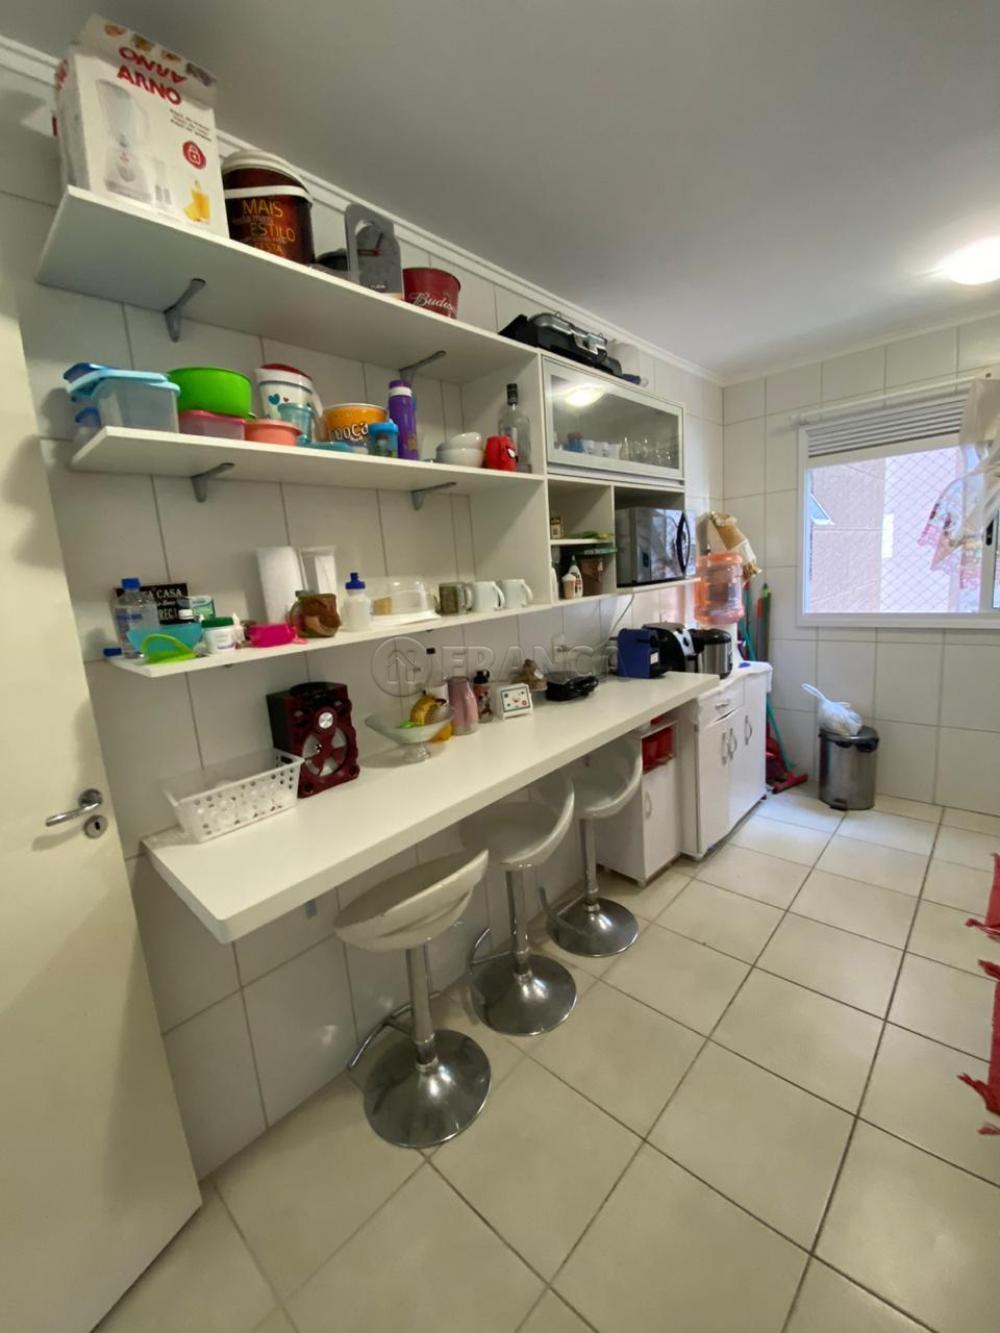 Comprar Apartamento / Padrão em São José dos Campos apenas R$ 480.000,00 - Foto 11